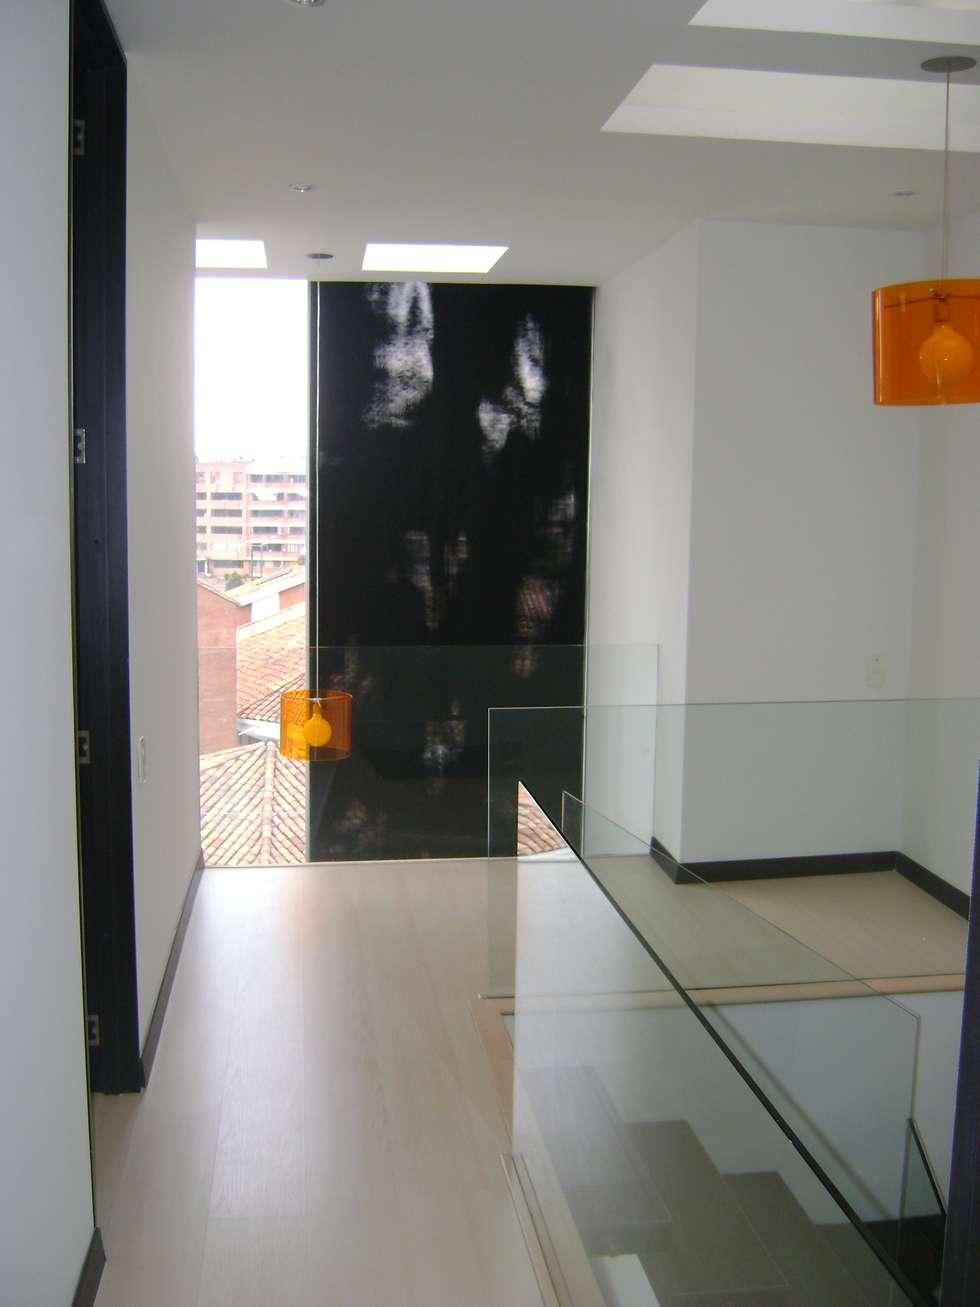 Pent House  RuizPerez-Hall Alcobas: Pasillos y vestíbulos de estilo  por RIVAL Arquitectos  S.A.S.